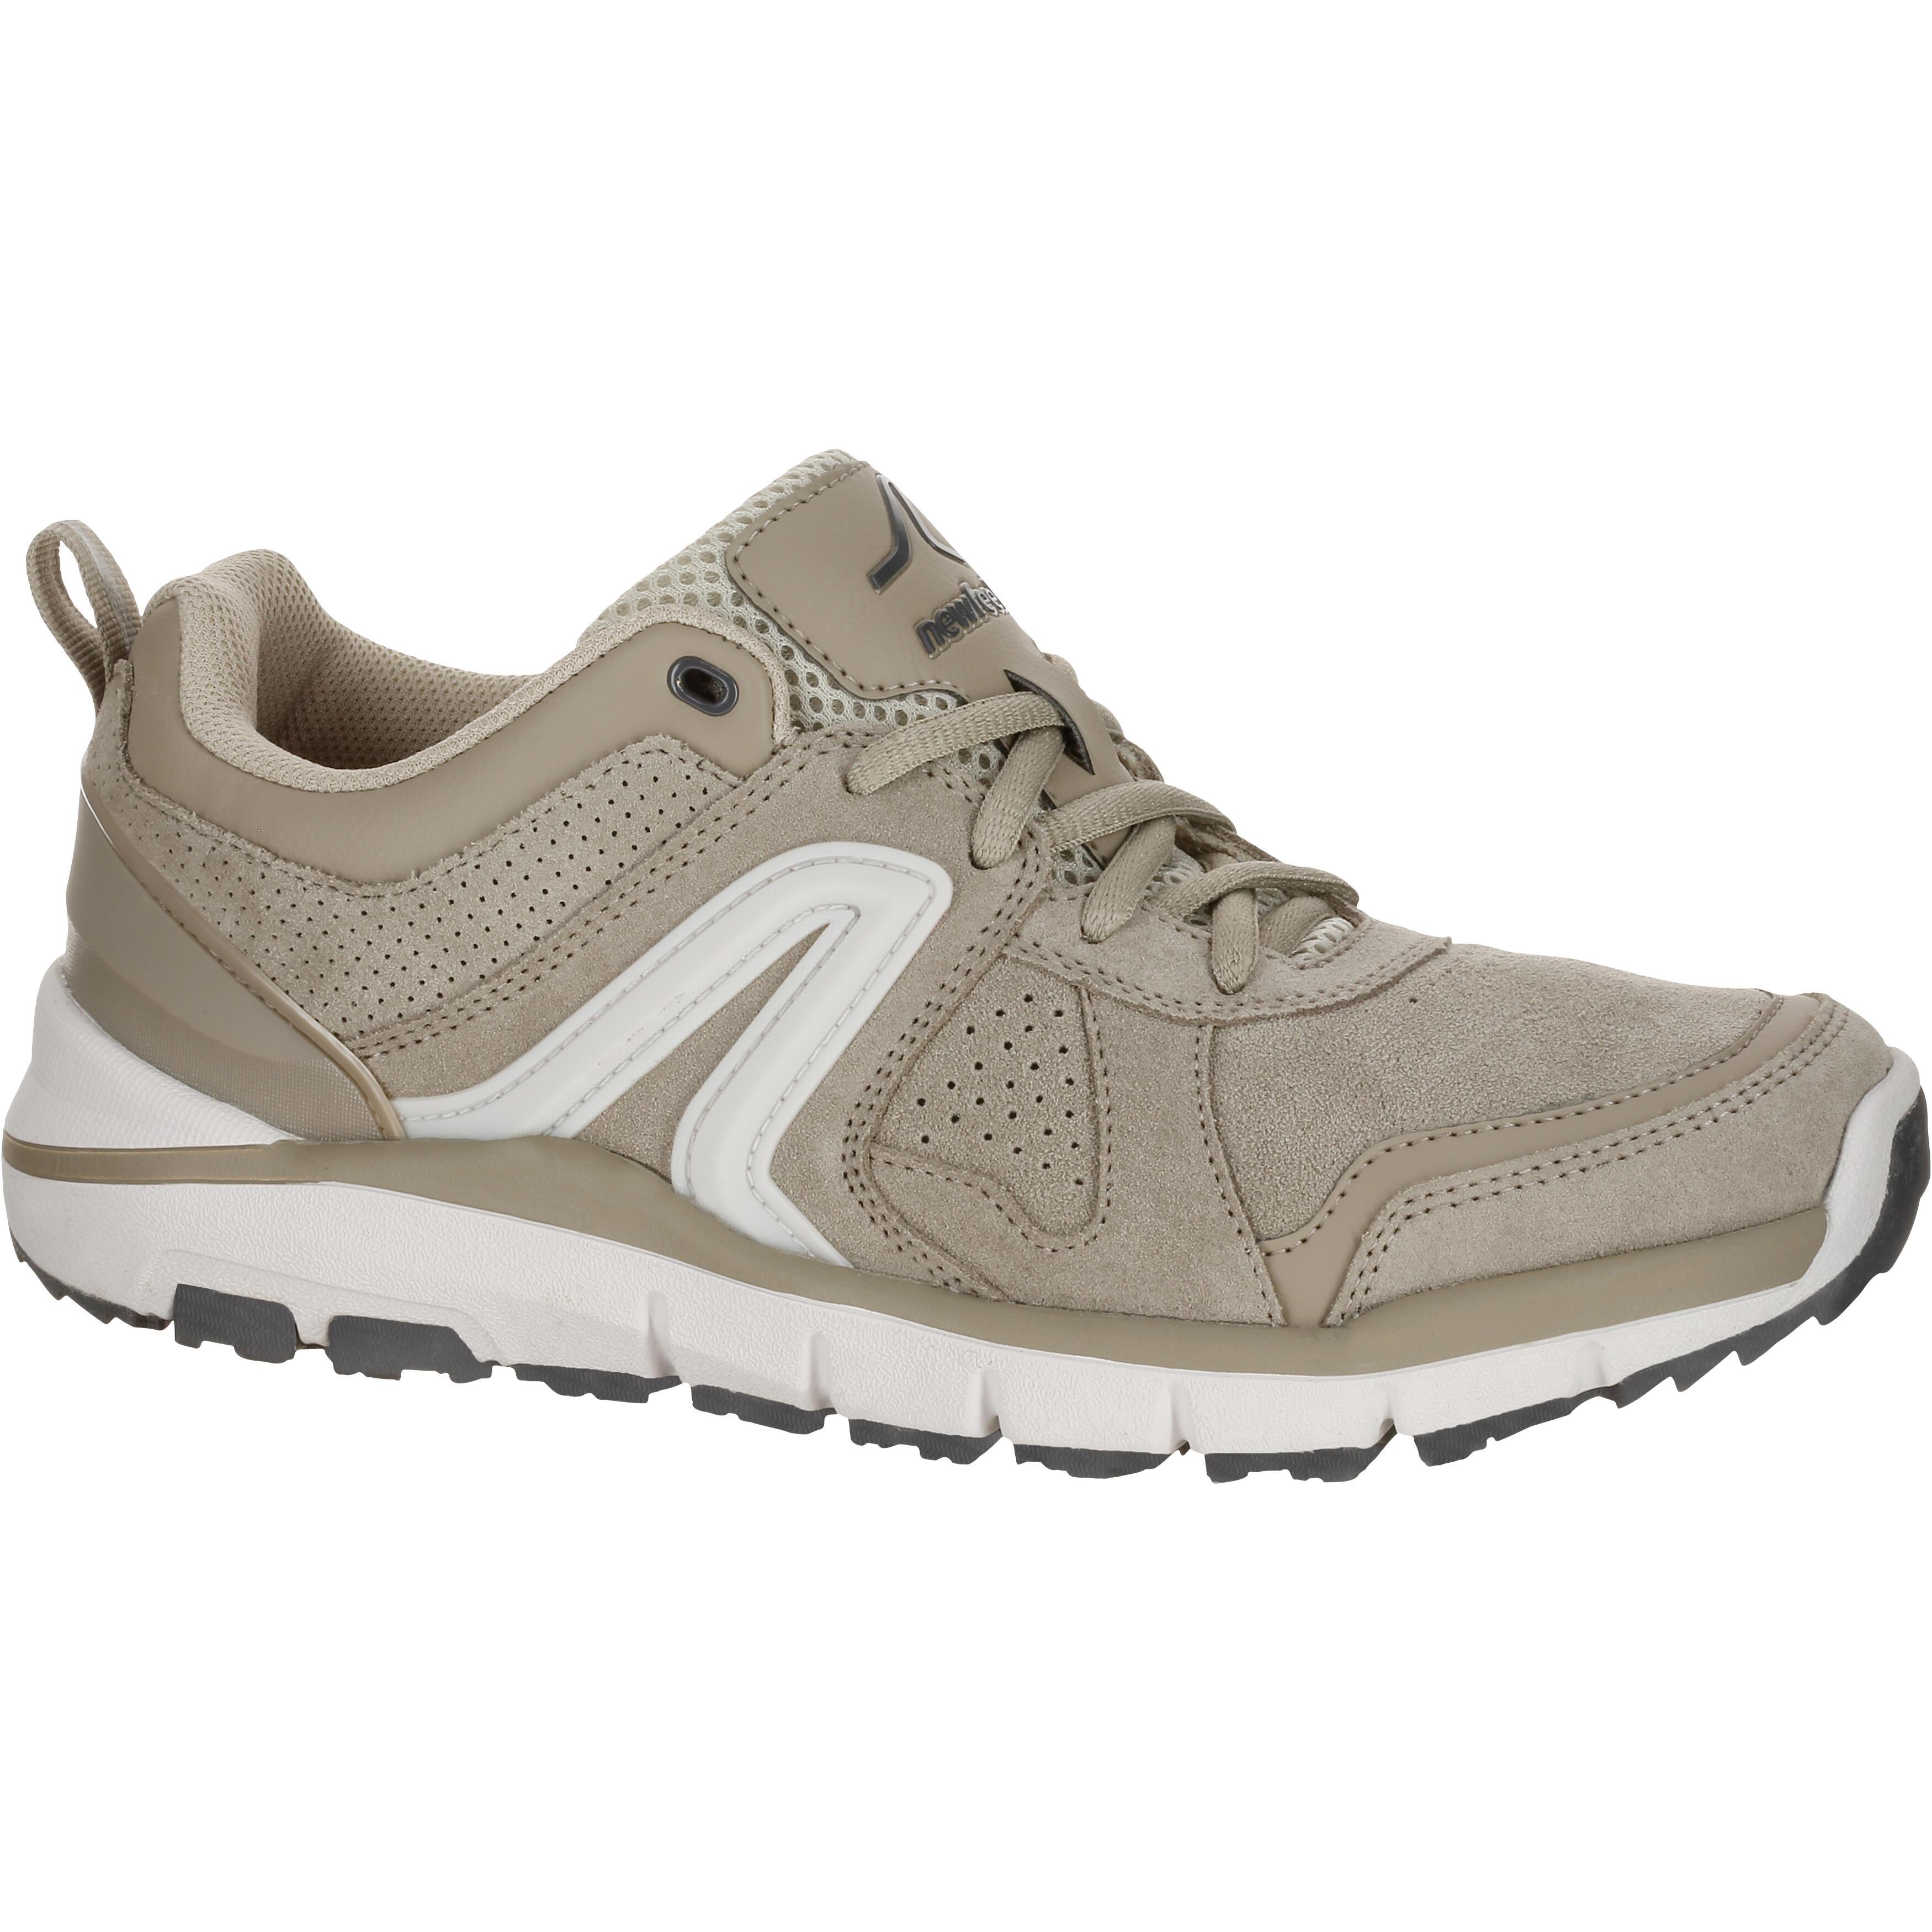 Newfeel Sportieve wandelsneakers voor dames HW 540 leer